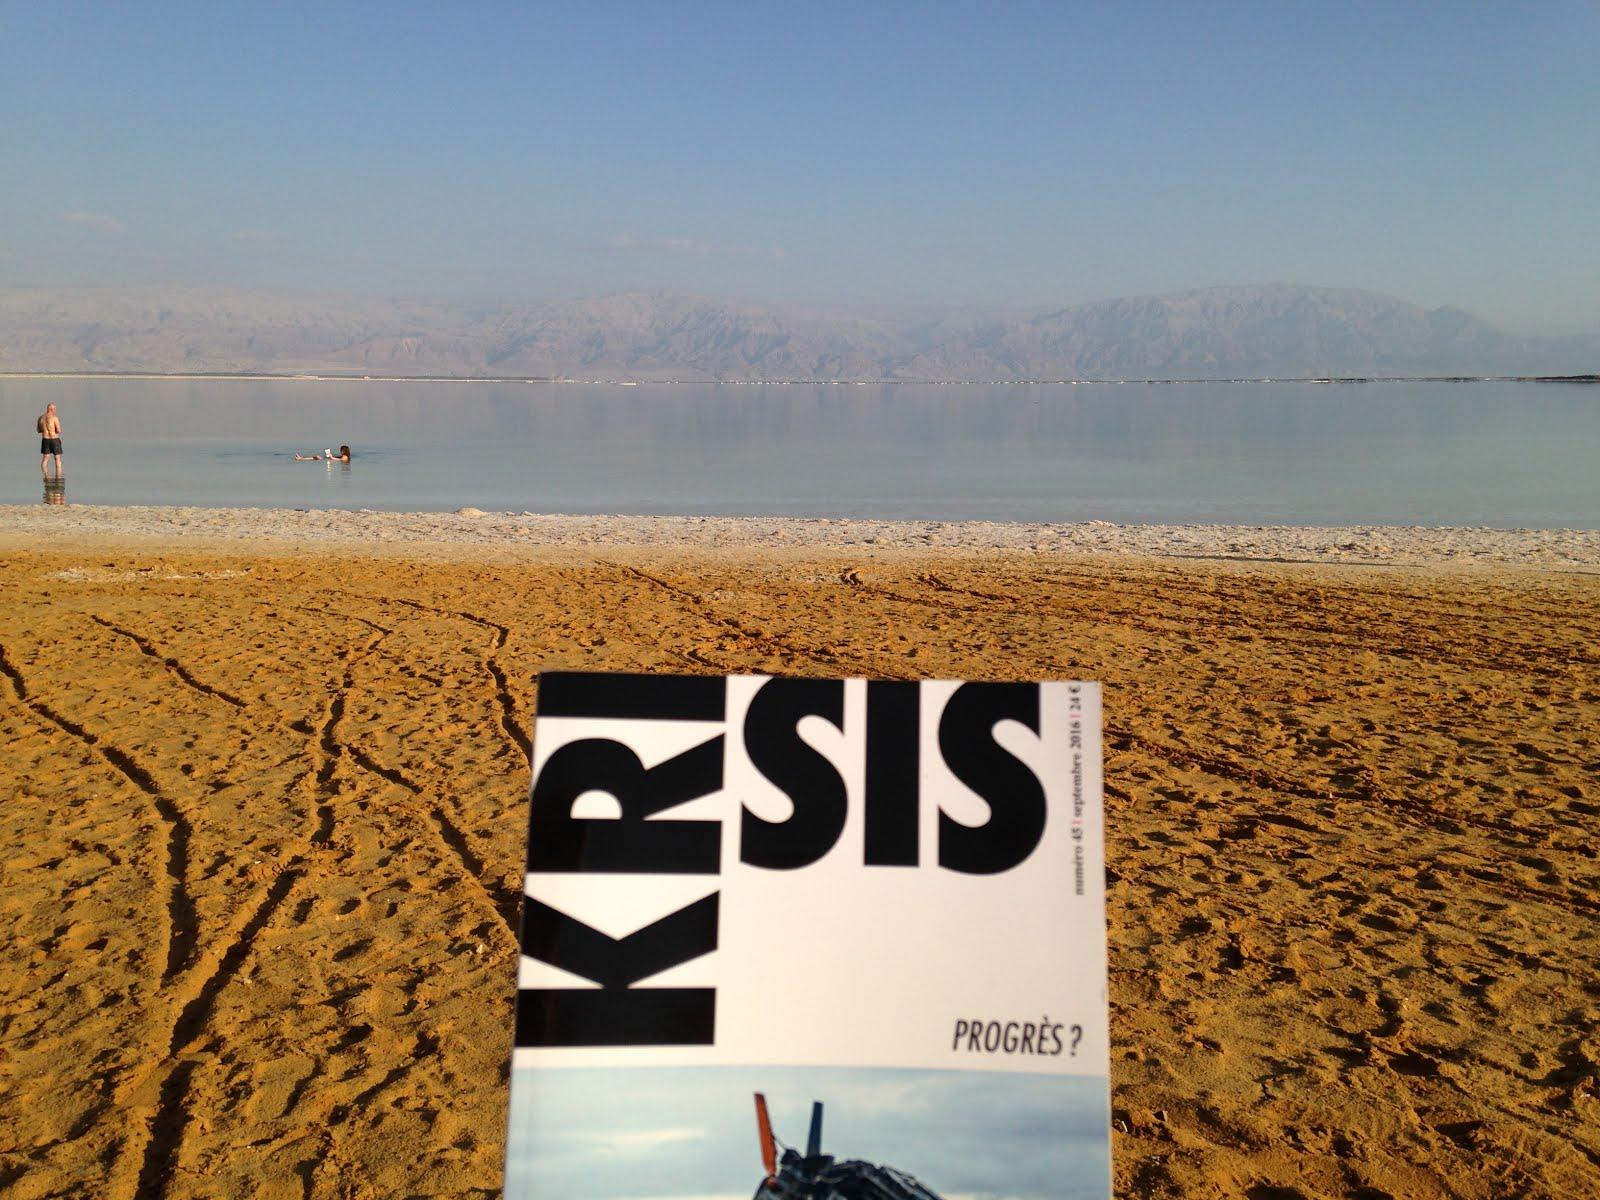 Krisis 45 en Israël, au bord de la mer Morte